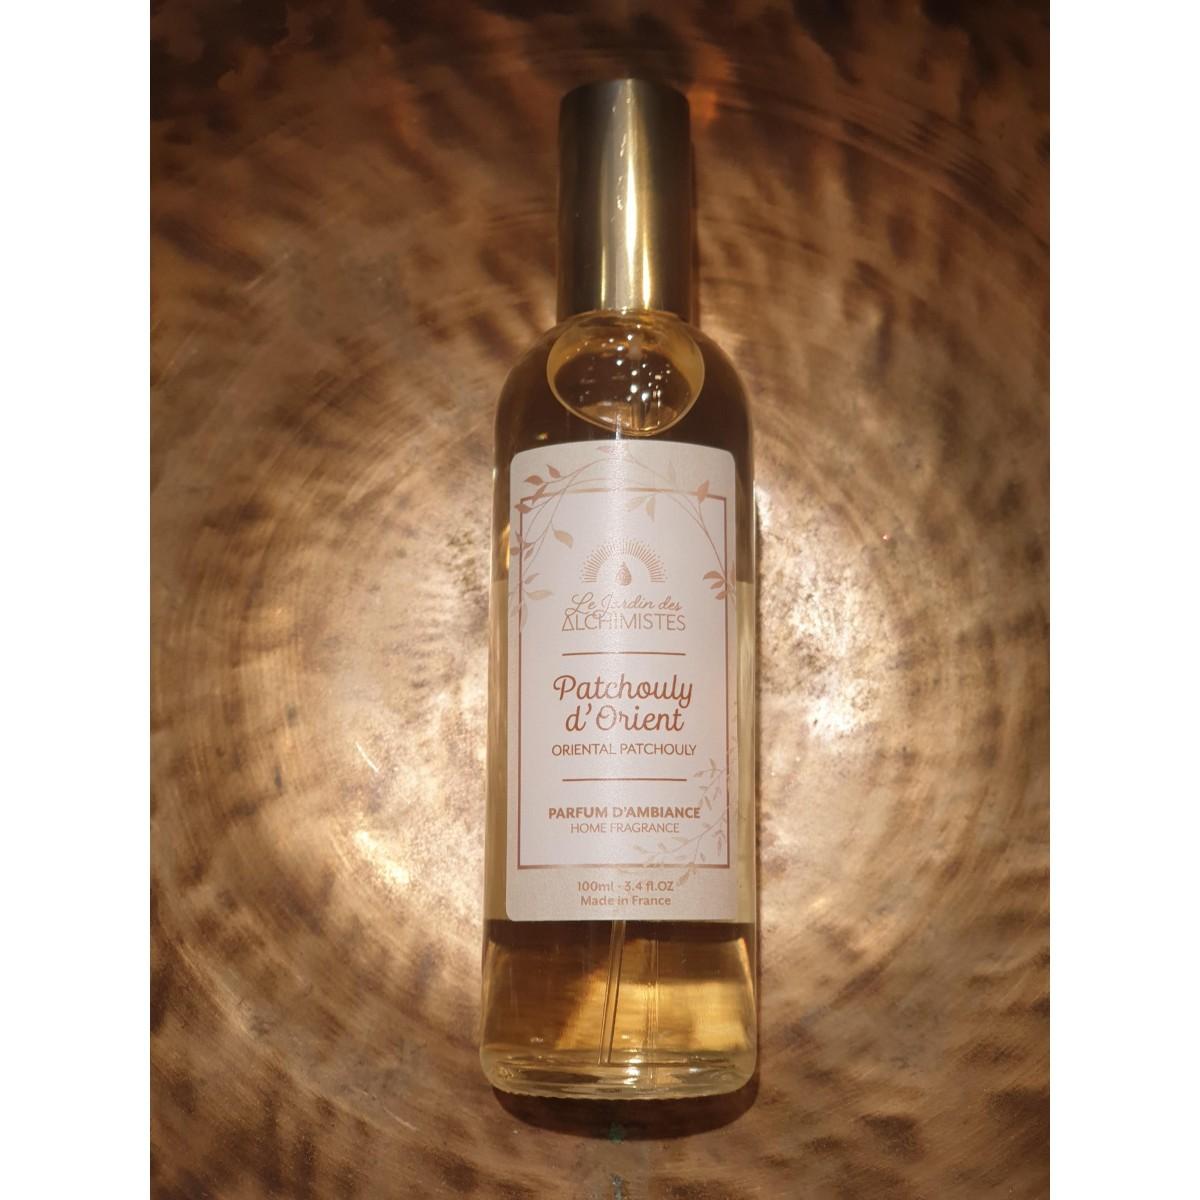 PATCHOULY D'ORIENT - Parfum d'ambiance